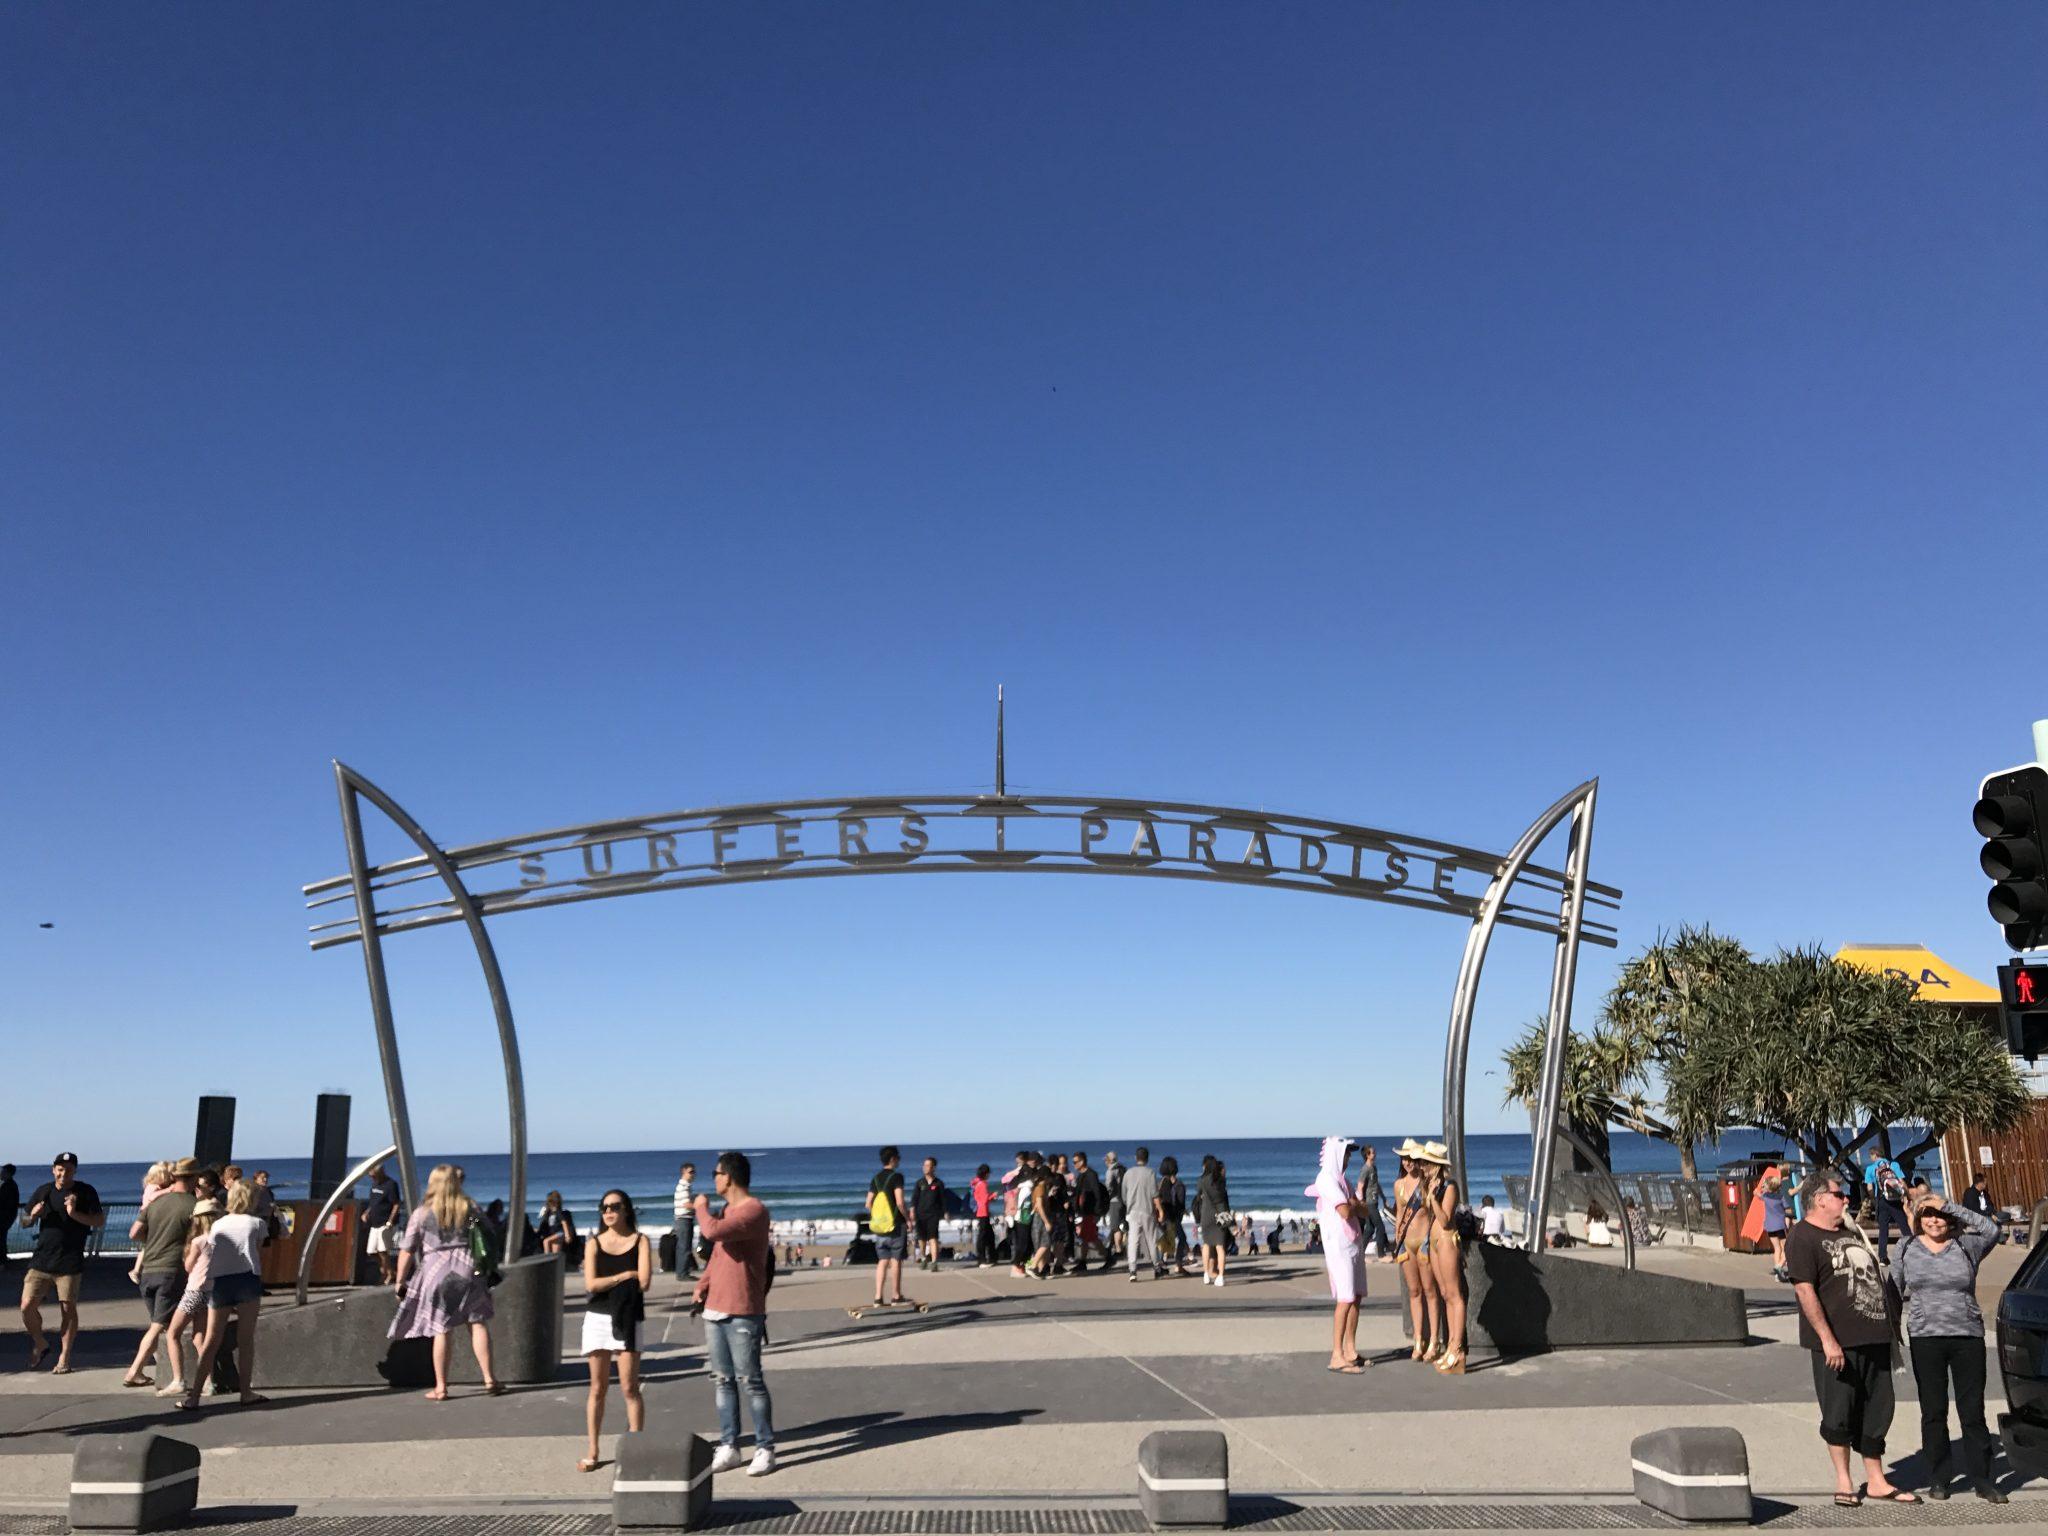 澳洲昆士兰自由行攻略黄金海岸冲浪者天堂